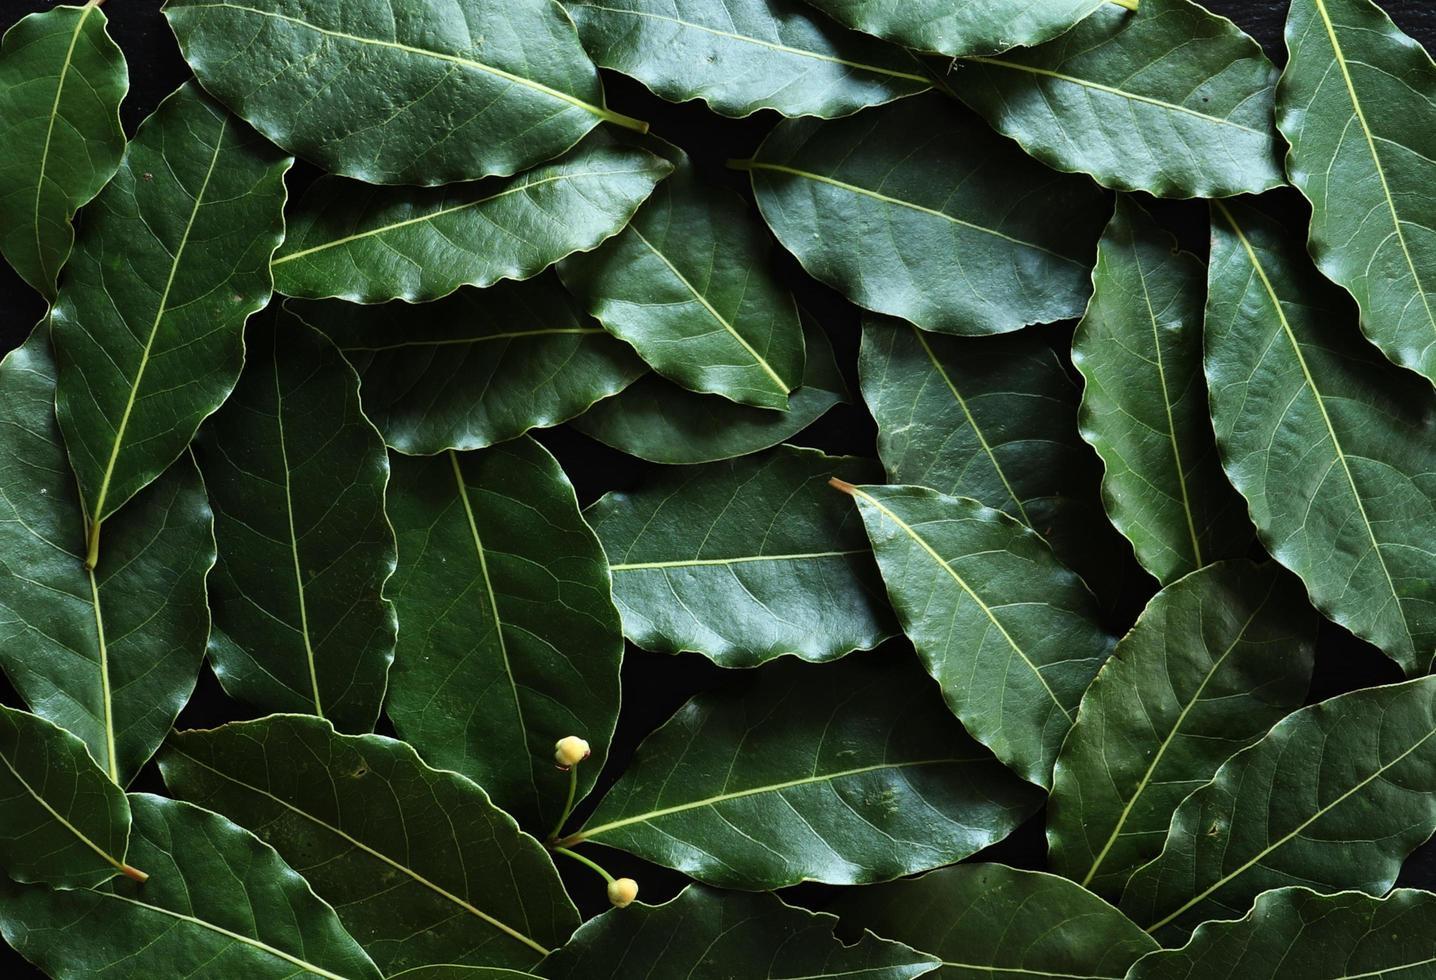 fotografia di foglie di alloro per sfondo alimentare foto